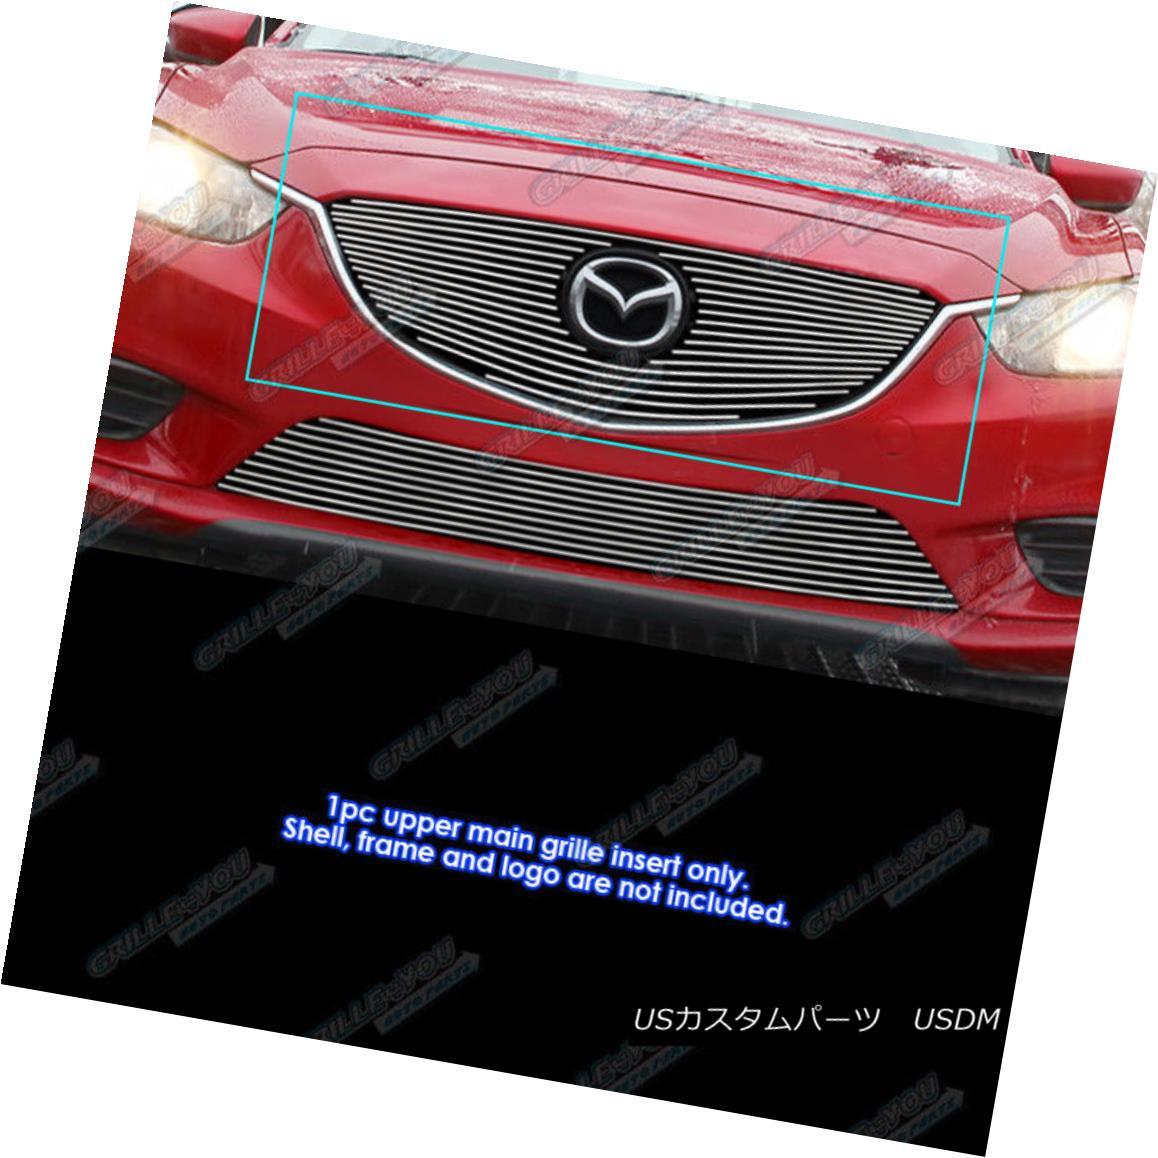 グリル Fits 2014-2016 Mazda 6 Aluminum Main Upper Billet Grille Insert フィット2014-2016マツダ6アルミメインアッパービレットグリルインサート